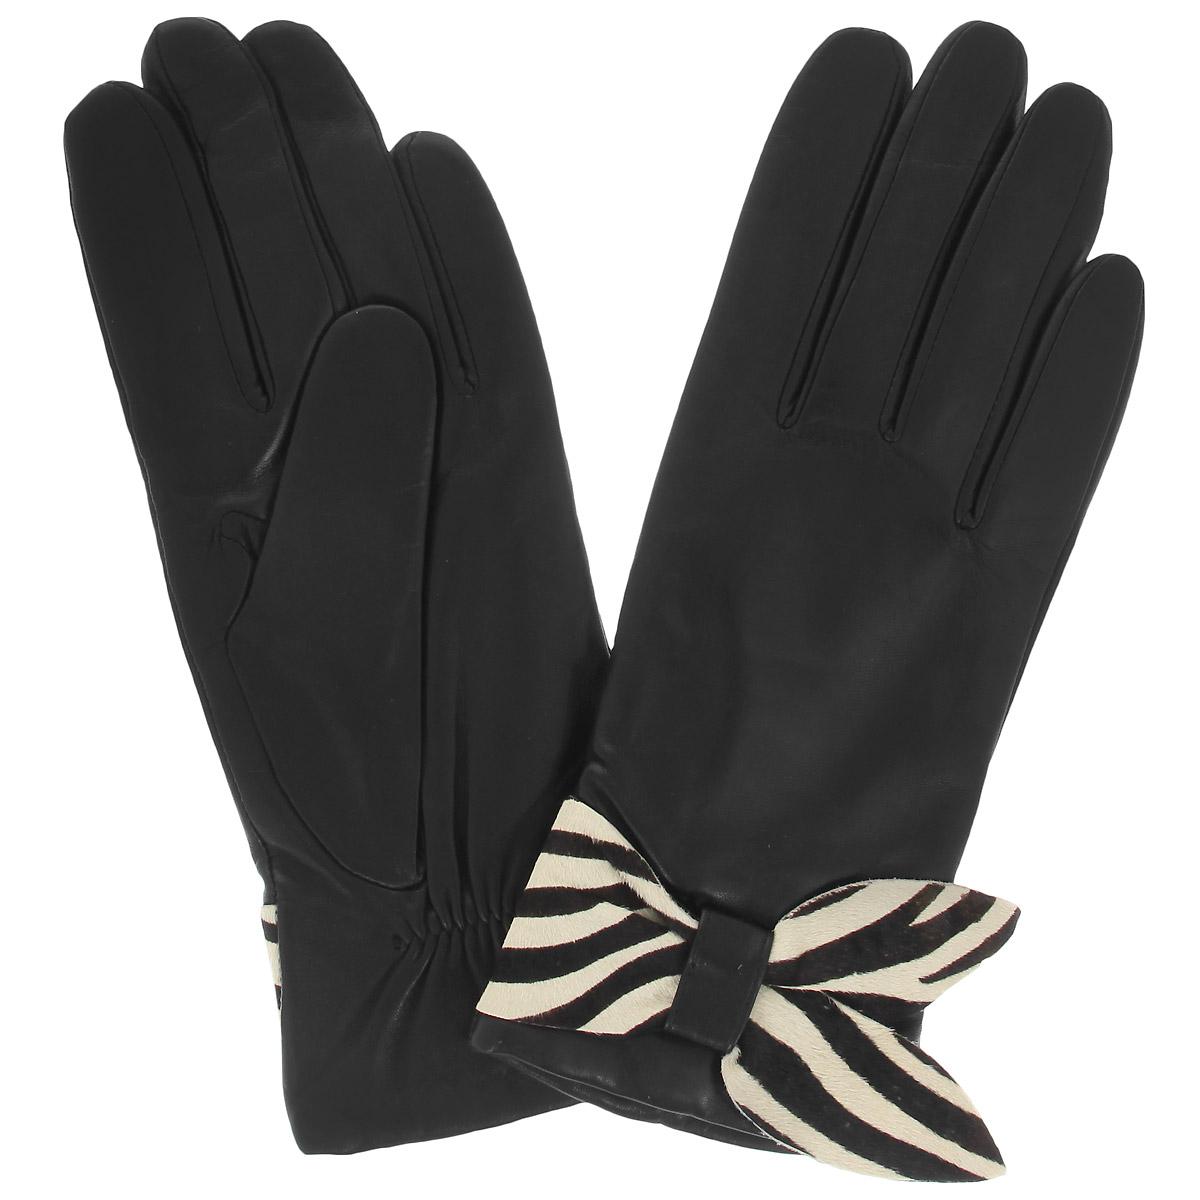 Перчатки женские Dali Exclusive, цвет: черный. 11_ZIELE/BL//11. Размер 8 перчатки женские eleganzza цвет черный is0424 размер 8